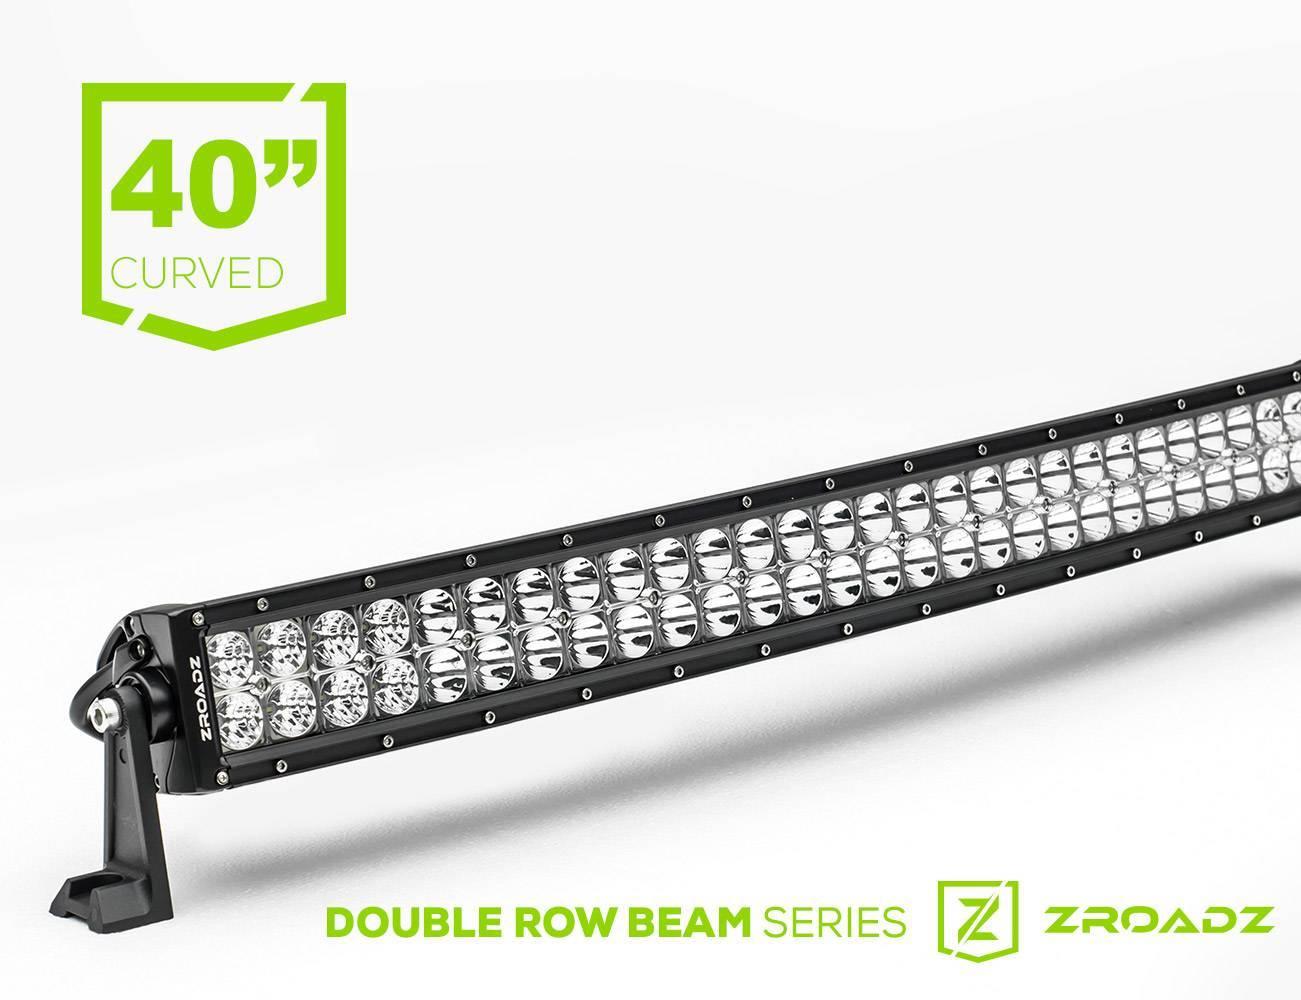 ZROADZ - 40 Inch LED Curved Double Row Light Bar - PN #Z30CBC14W240